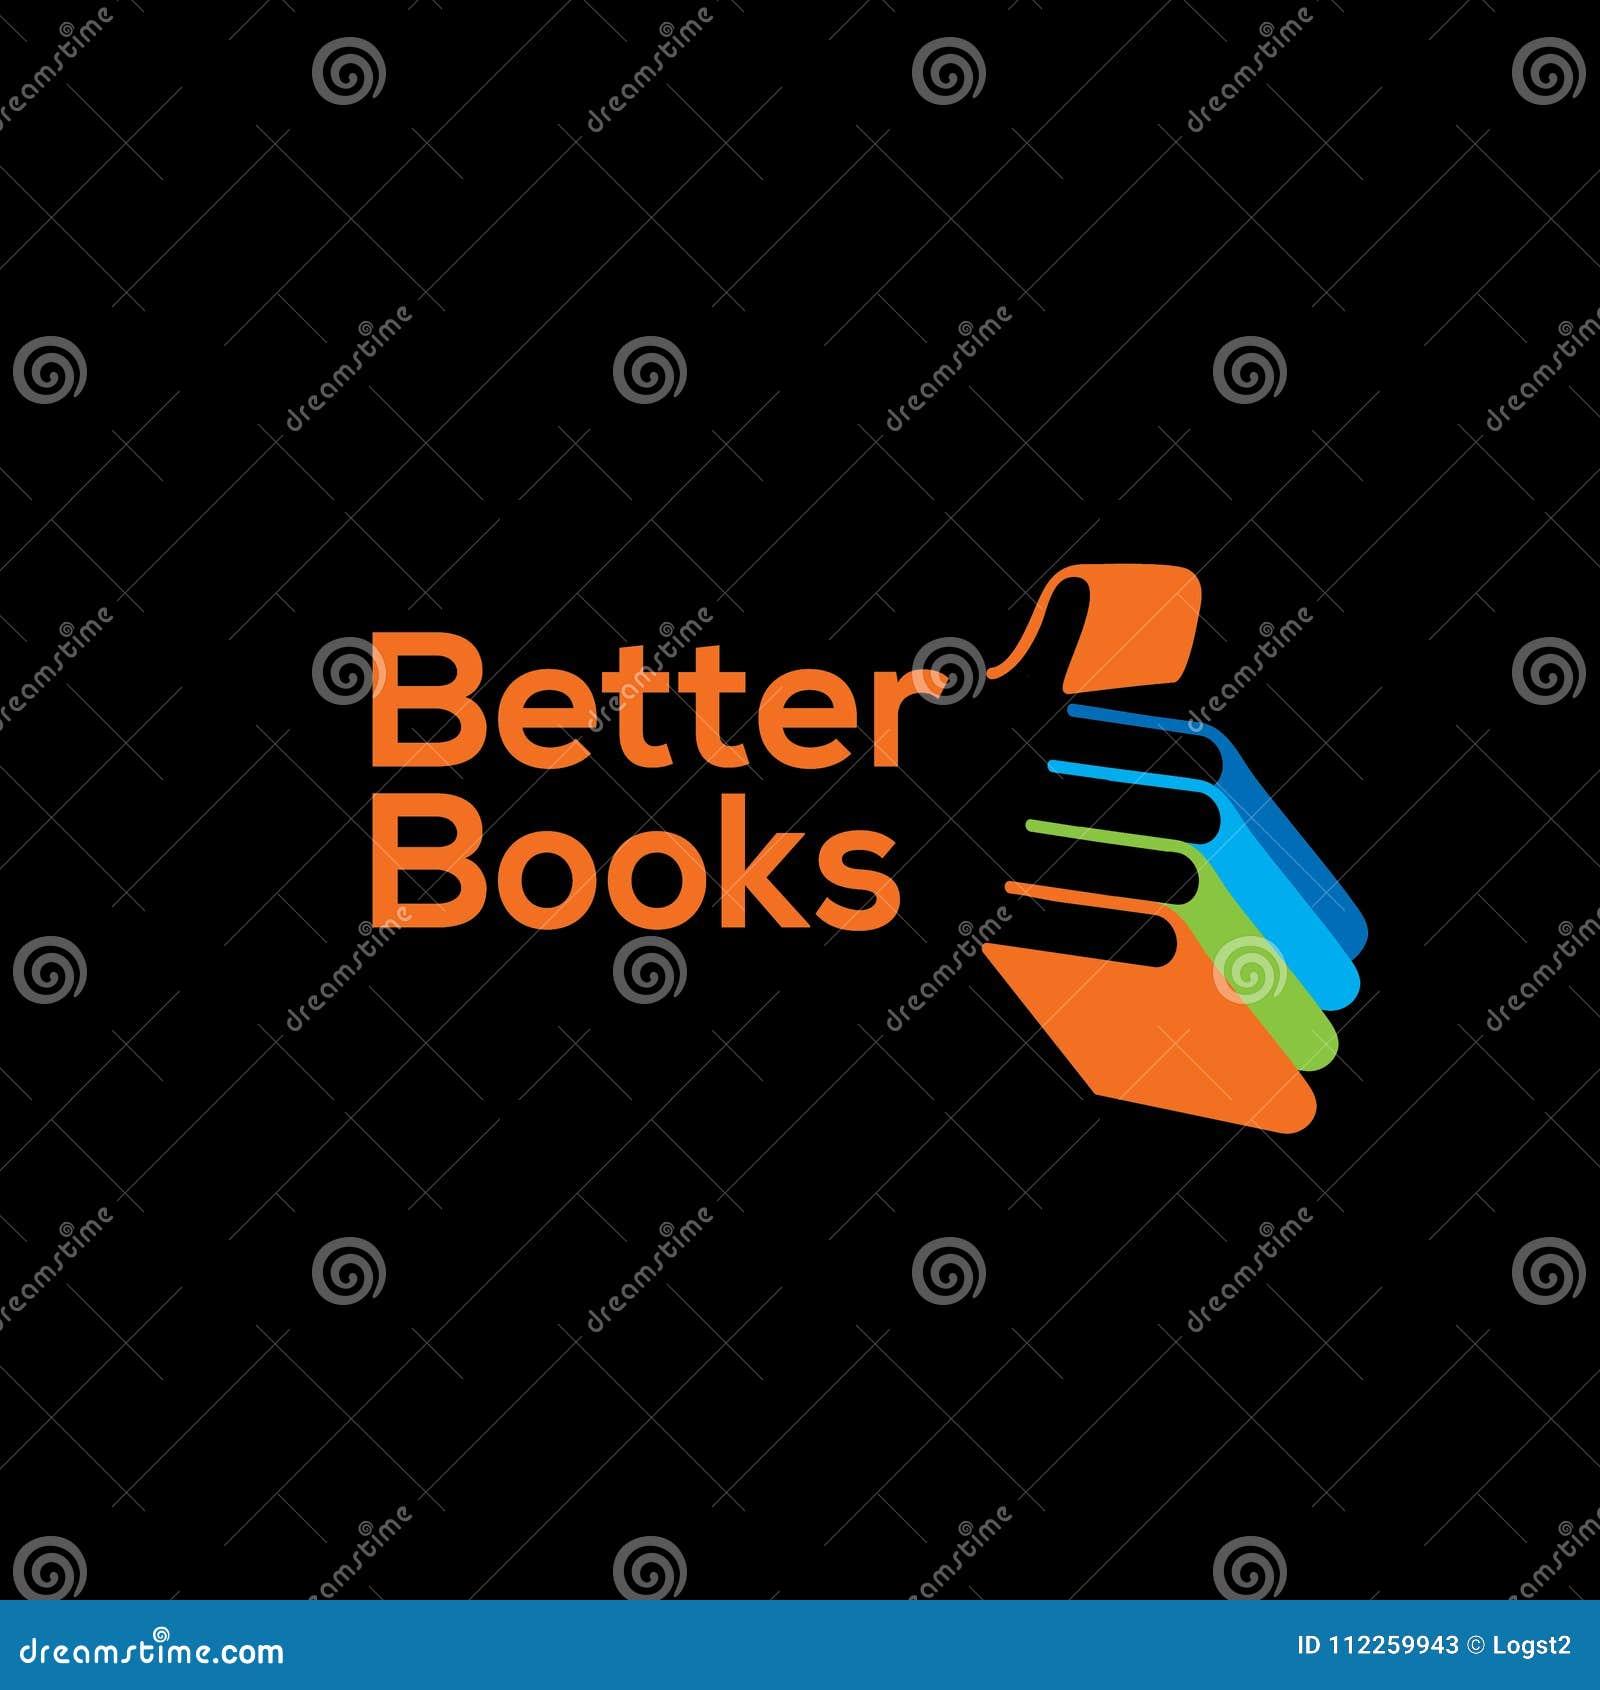 Bookstore vector logo.Library logo.Books logo